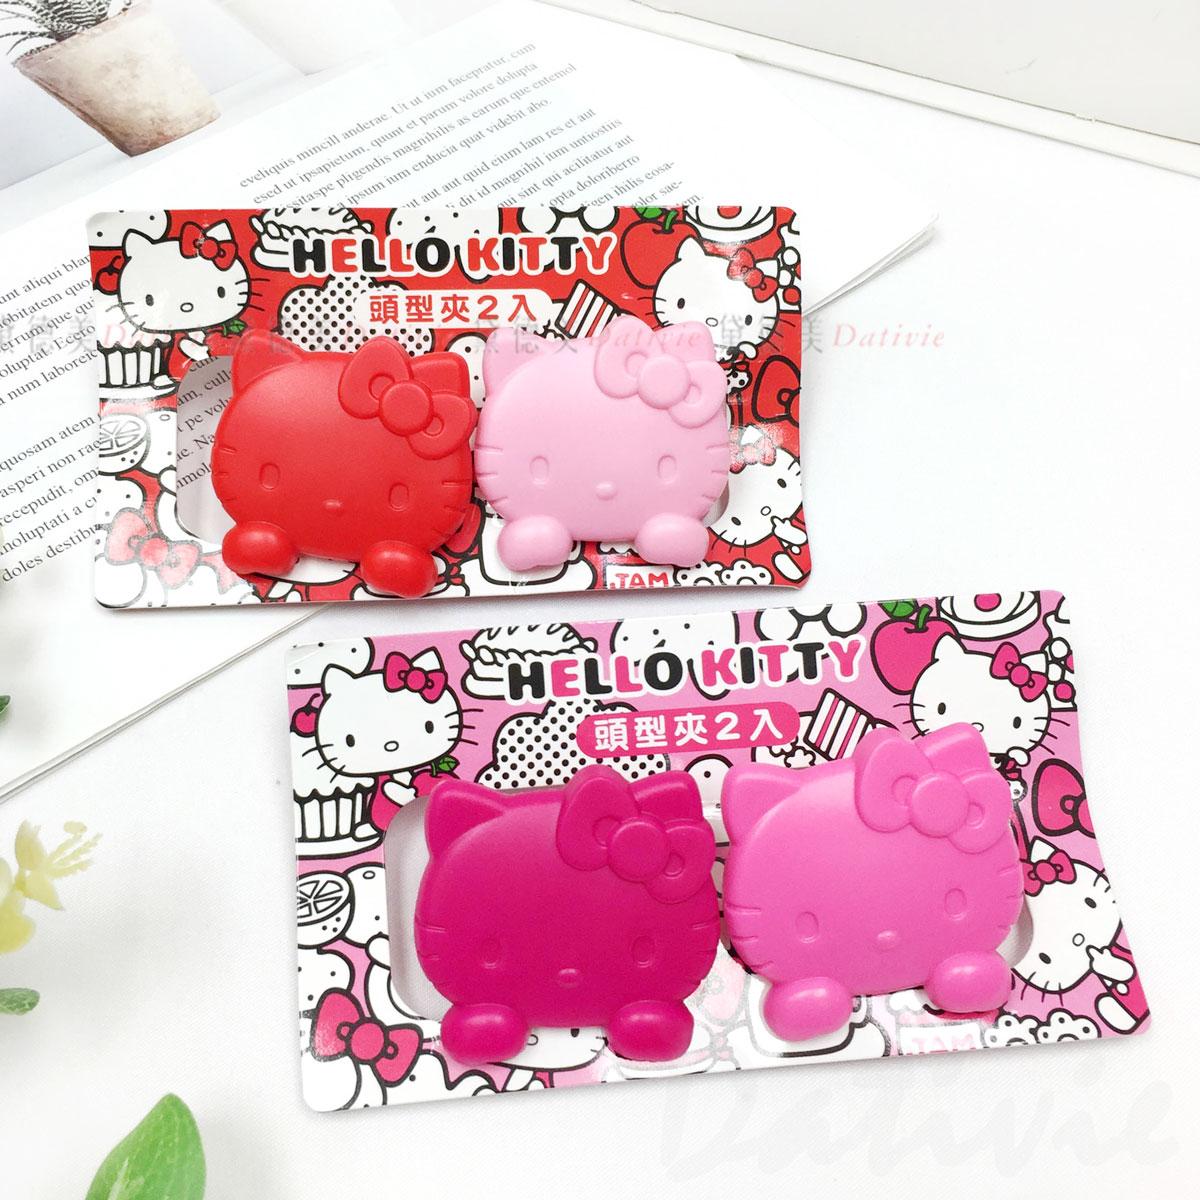 大頭造型塑膠夾 2入 凱蒂貓 HELLO KITTY 三麗鷗 Sanrio  正版授權